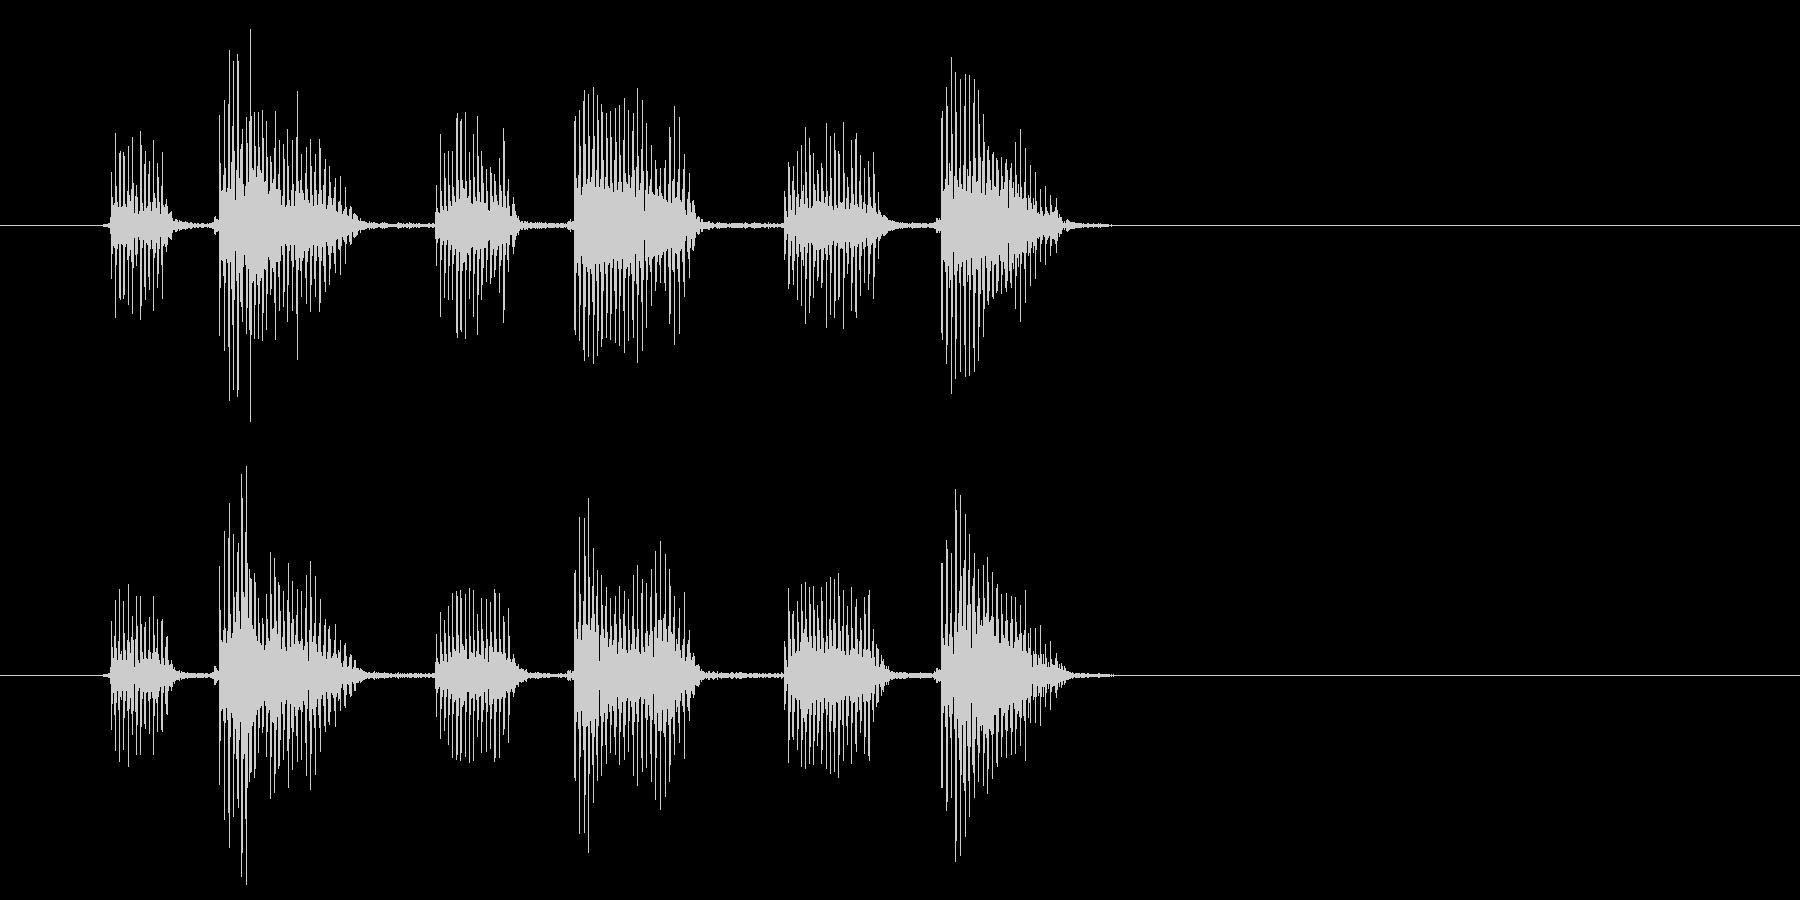 ボヤボヤ・・(宇宙人の不気味な話し声)の未再生の波形